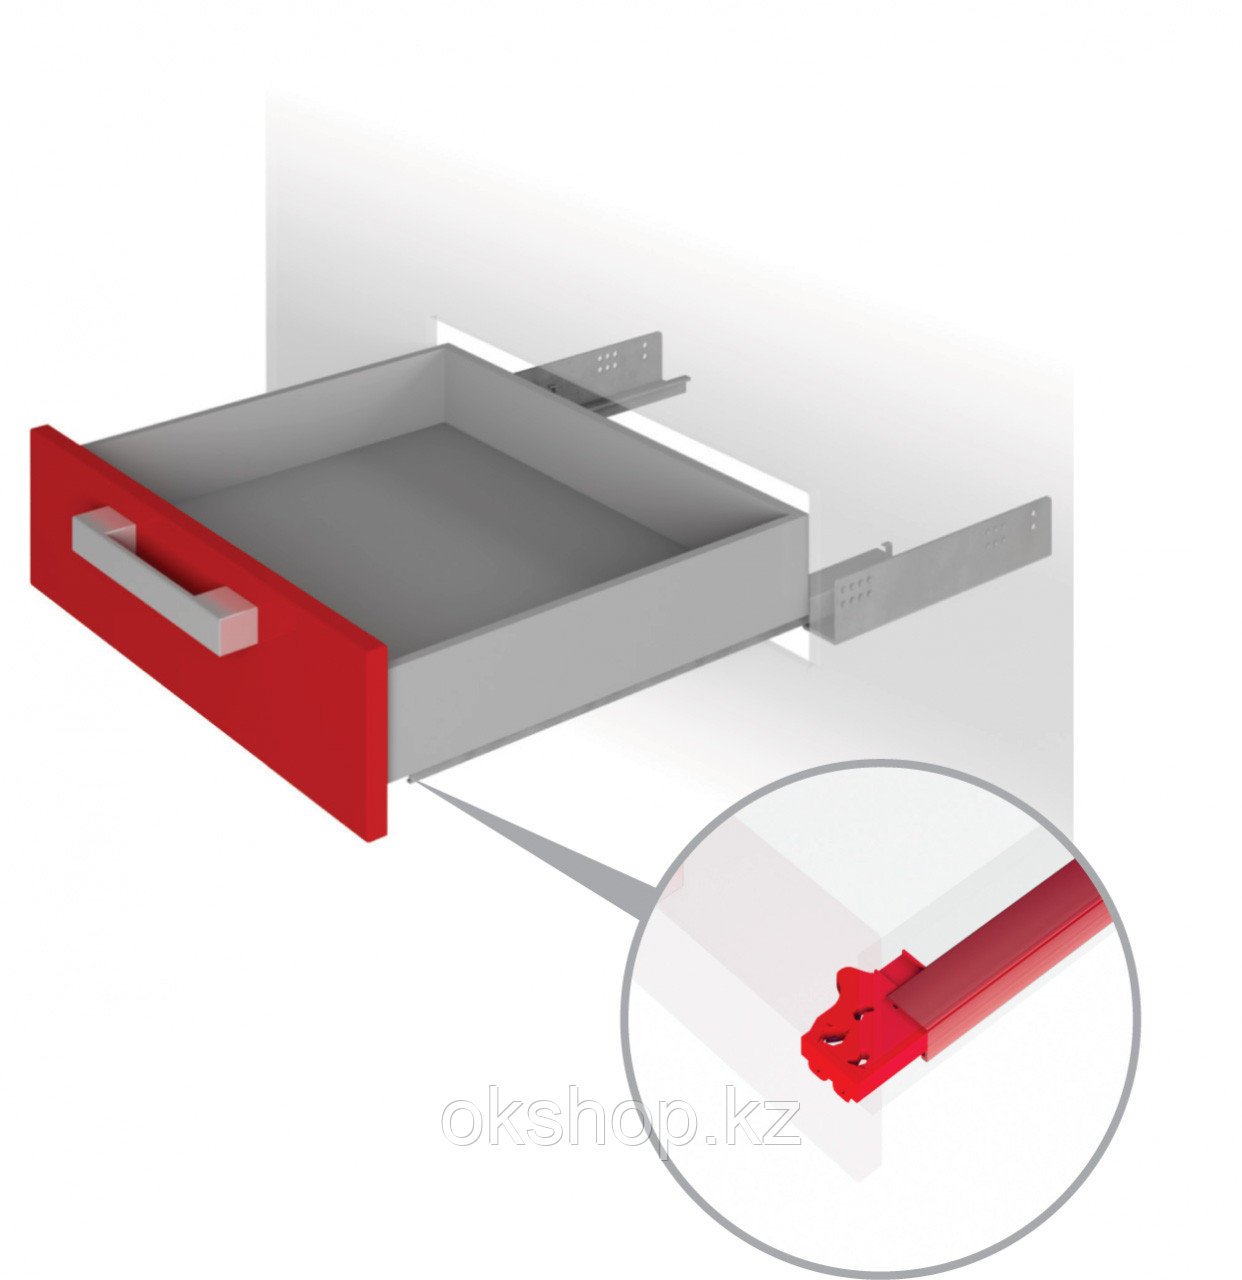 Направляющие механизмы скрытого монтажа DB4461Zn/550